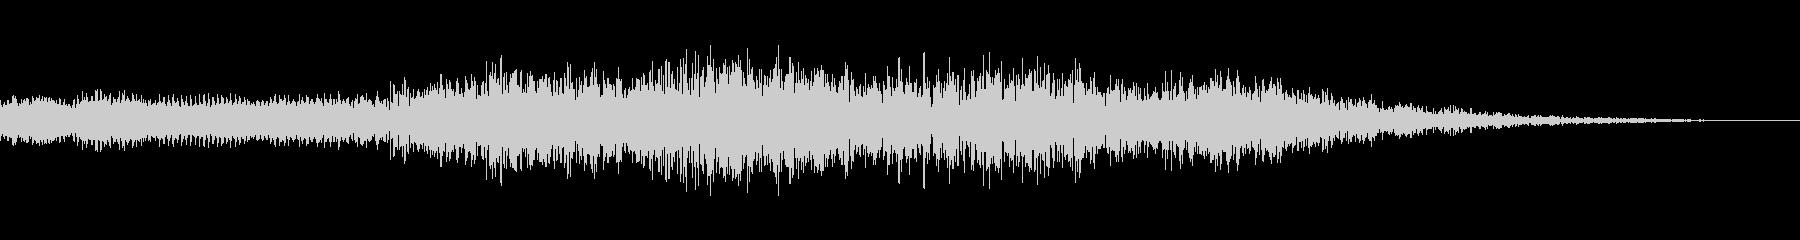 不吉なロゴ2の未再生の波形